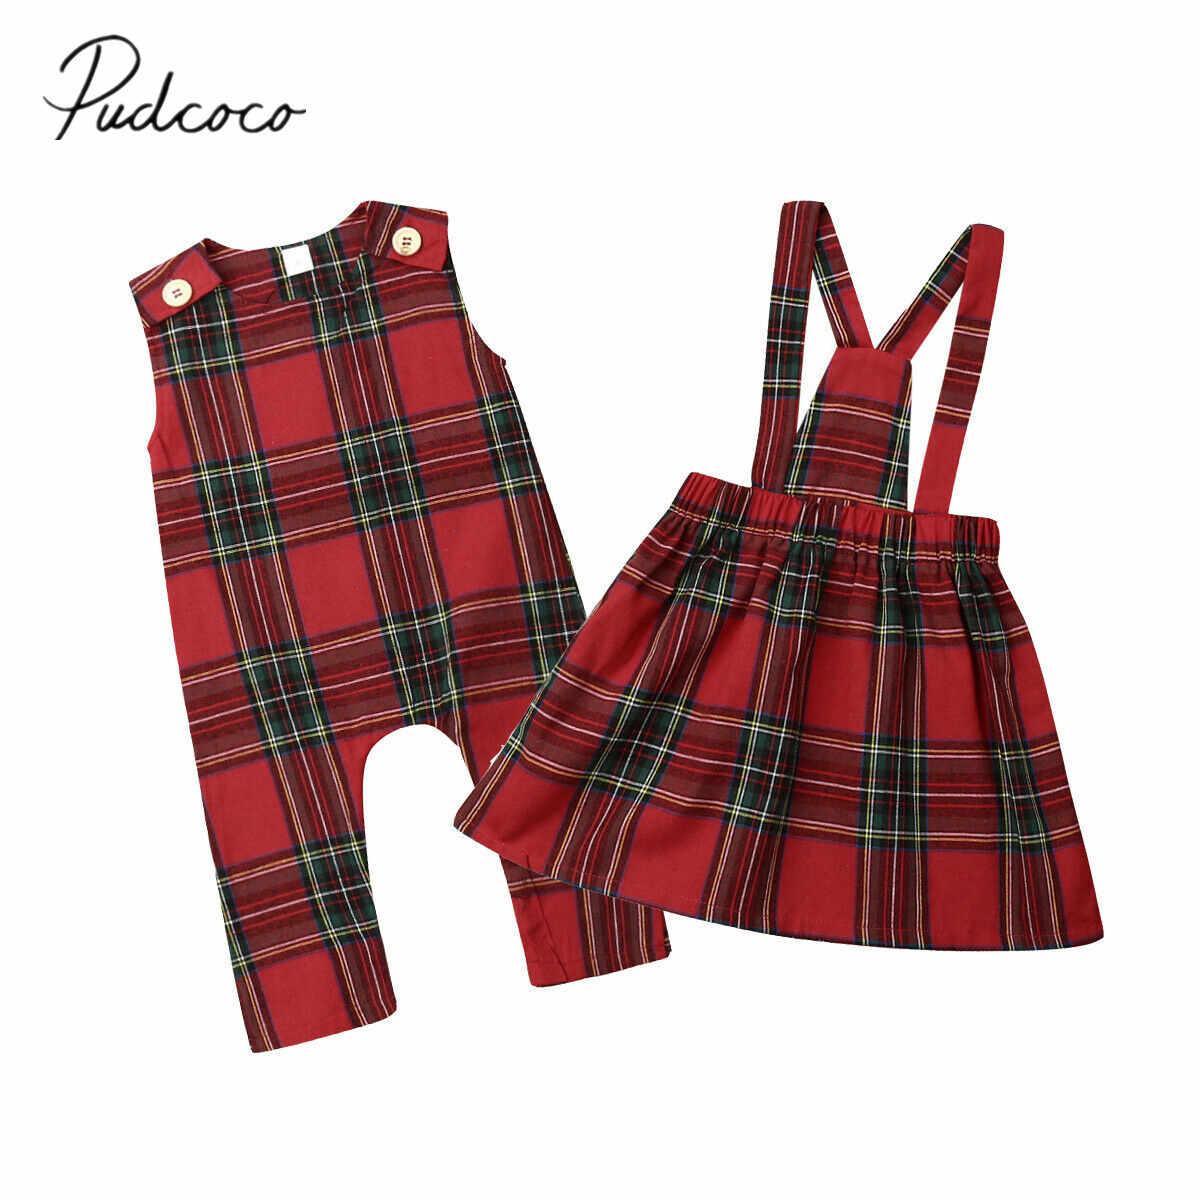 2019 ベビー夏の服クリスマス姉妹一致クリスマスノースリーブ服ロンパース女の赤ちゃん赤チェックチェック柄の衣装